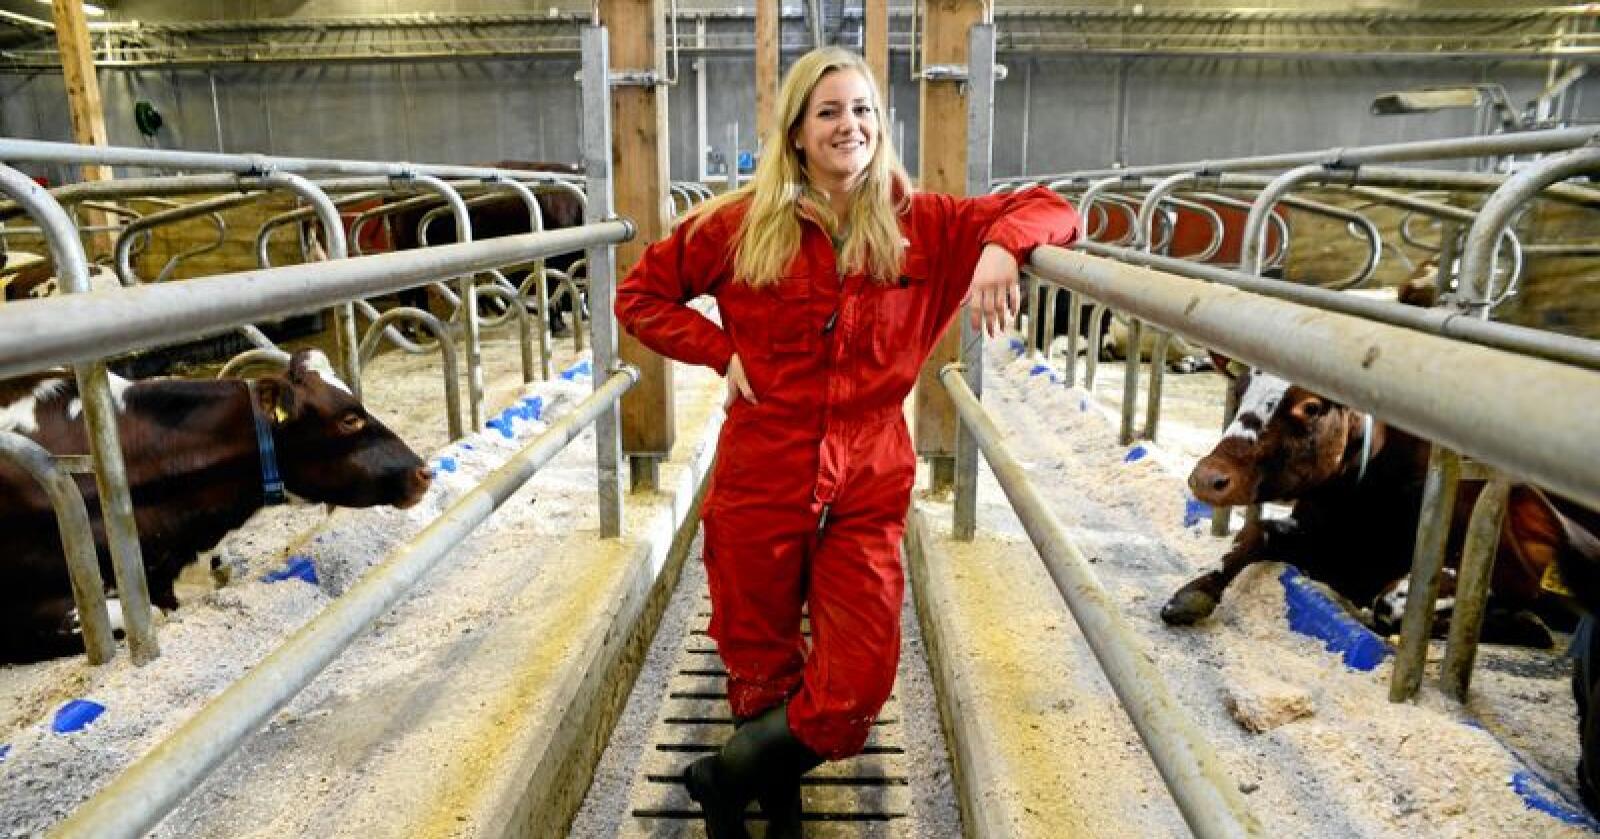 Emilie Enger Mehl (Sp) vil at sauebønder i Nord-Østerdalen som ble rammet av ulveangrep i fjor skal få samme type kompensasjon som ble utbetalt til bønder på Toten og Hadeland etter sommeren 2016. Foto: Mariann Tvete